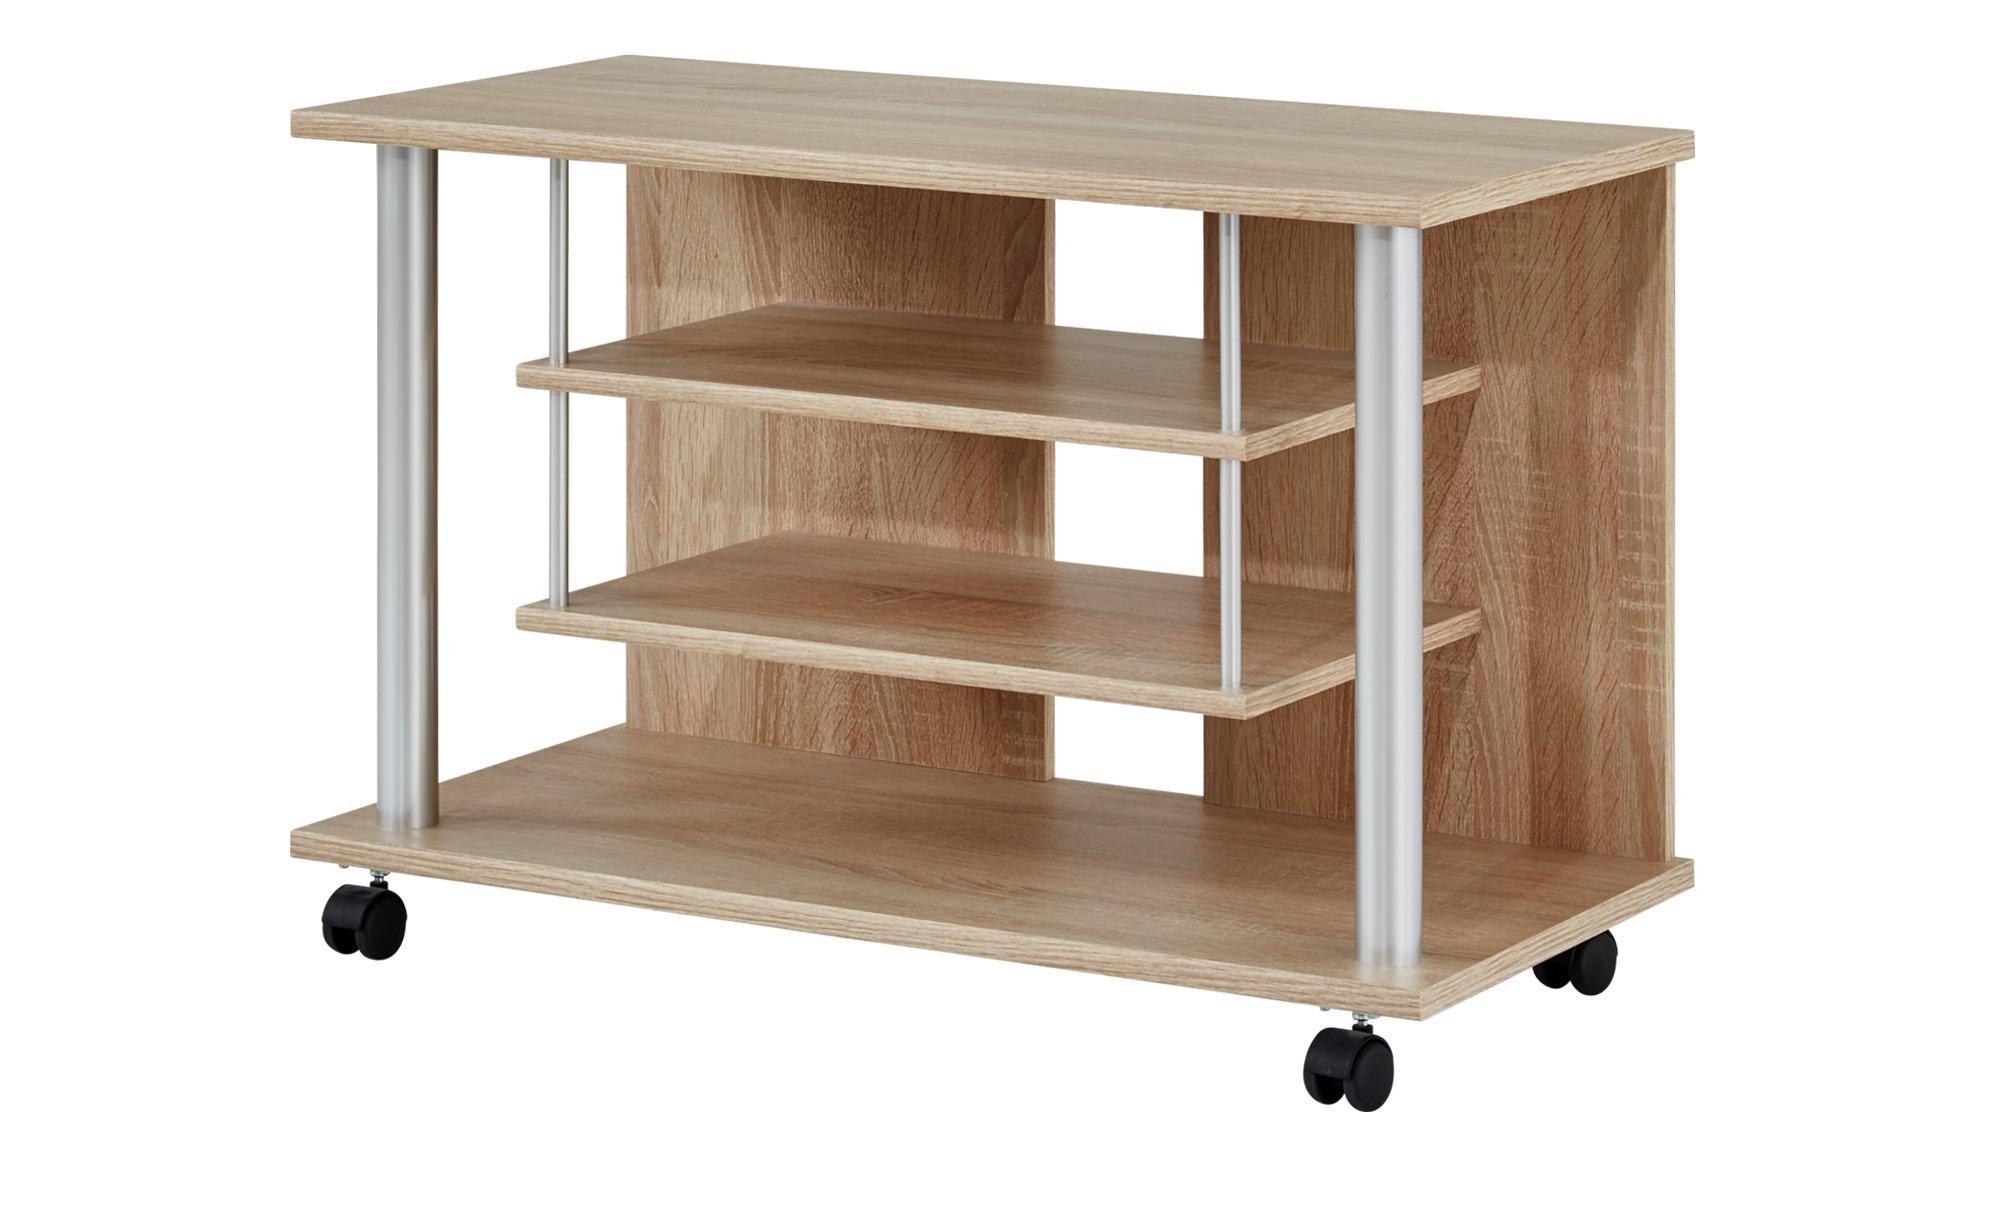 TV-Wagen  Mernes I ¦ holzfarben ¦ Maße (cm): B: 80 H: 55 T: 40 TV- & Media Möbel > TV-Racks - Höffner